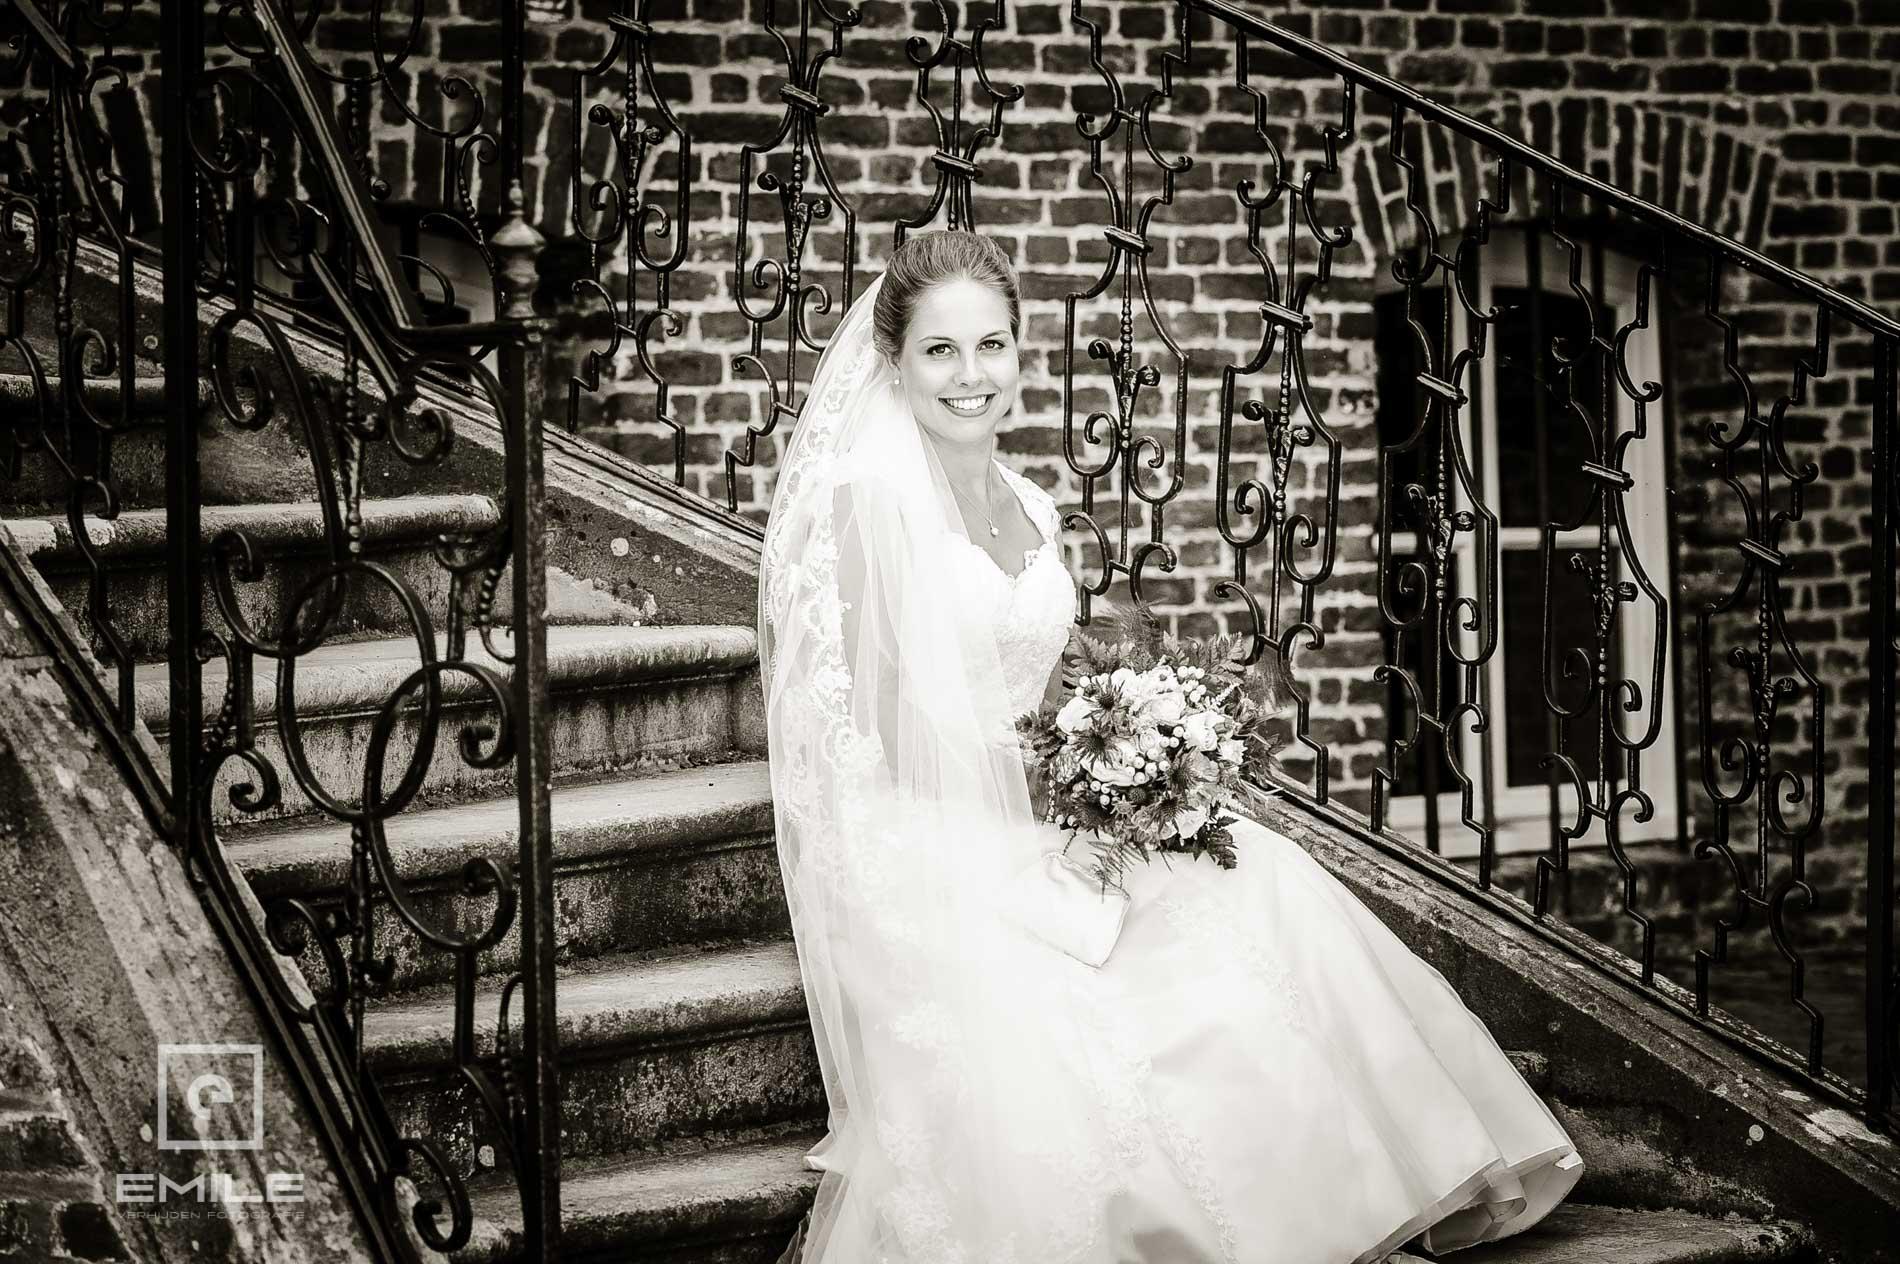 Bruidsfotograaf bij Kasteeltuinen Arcen. Bruid zit op trap van het kasteel